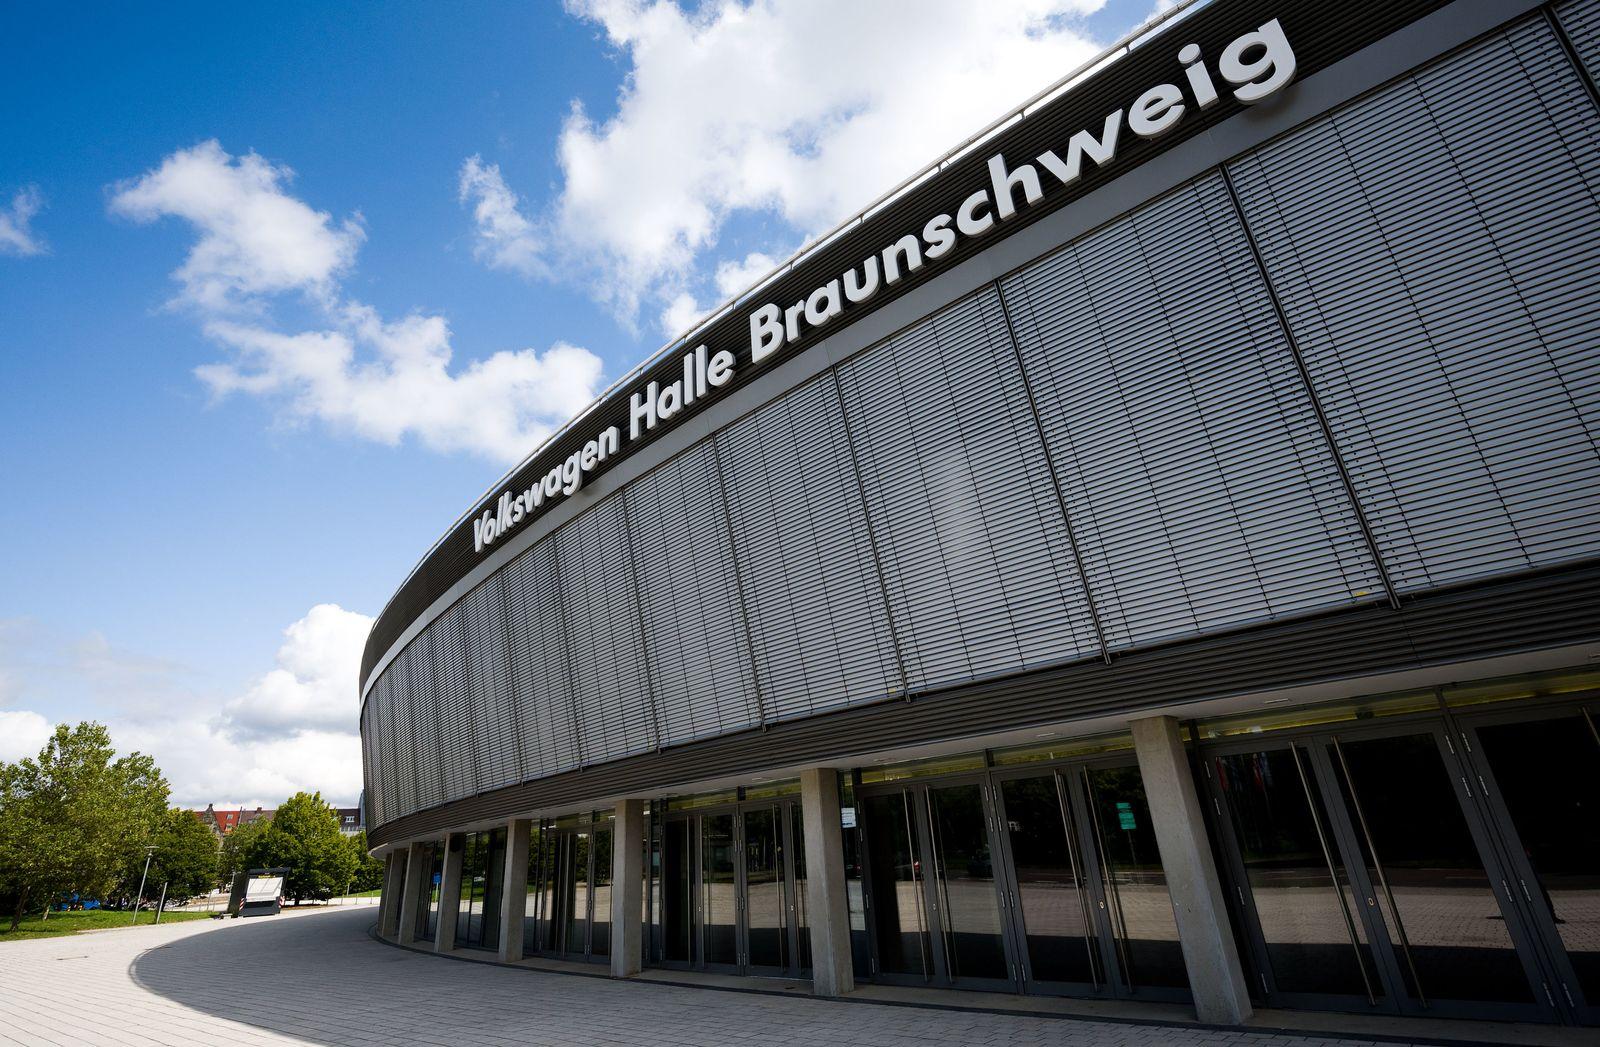 Volkswagen Halle Braunschweig